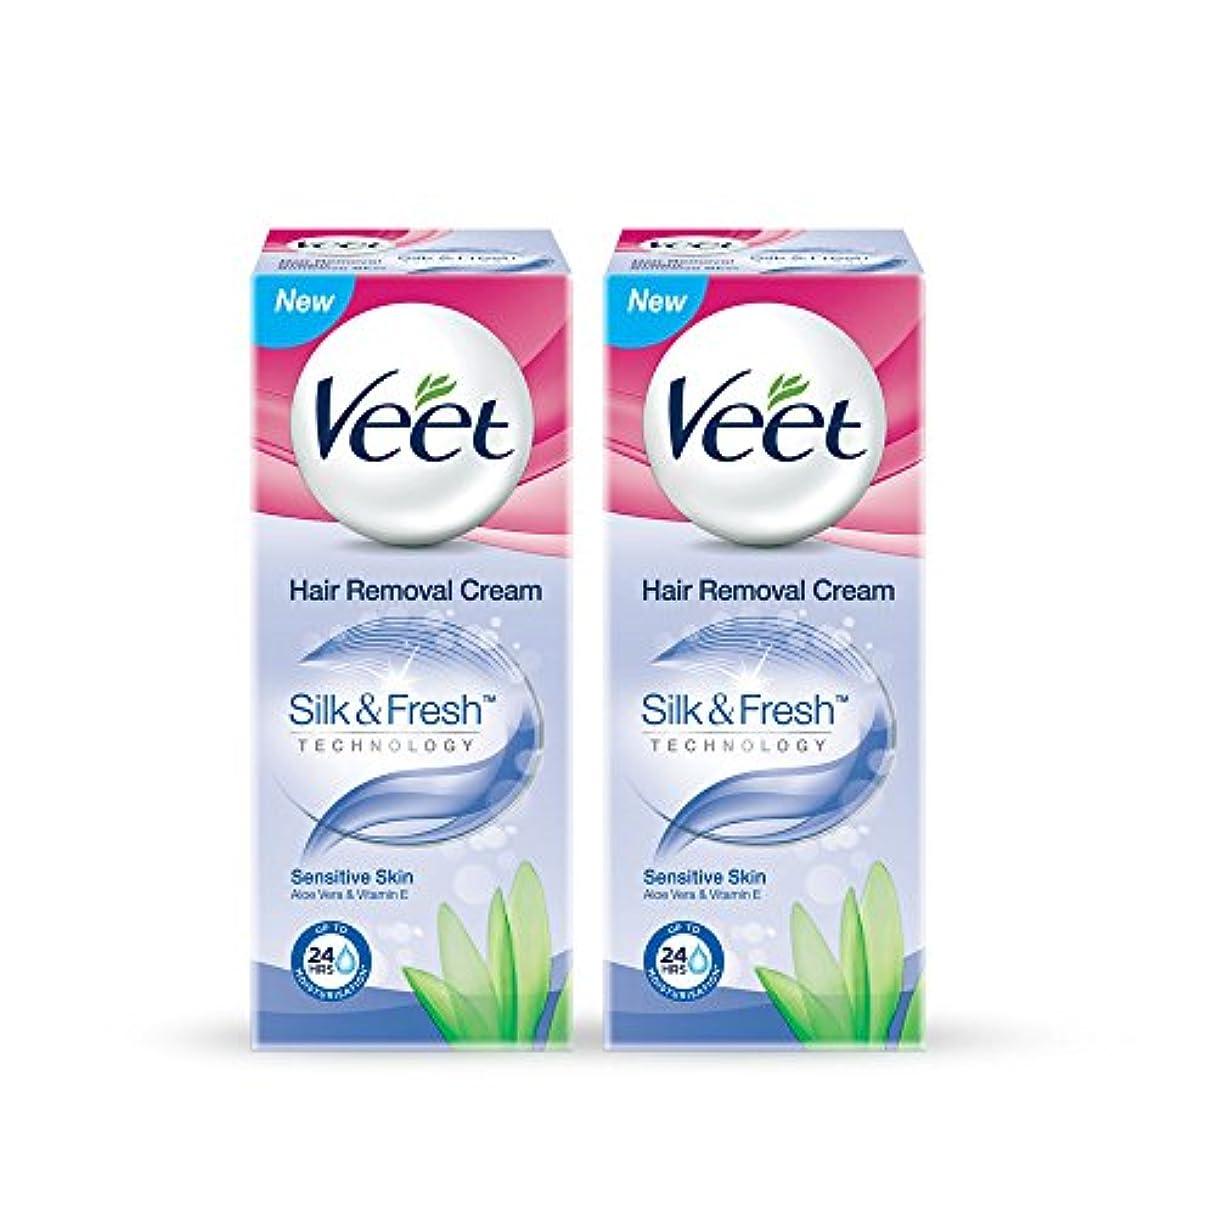 勝つ引退したポーンVeet Hair Removal Gel Cream For Sensitive Skin With Aloe Vera and Vitamin E 25 g (Pack of 2)